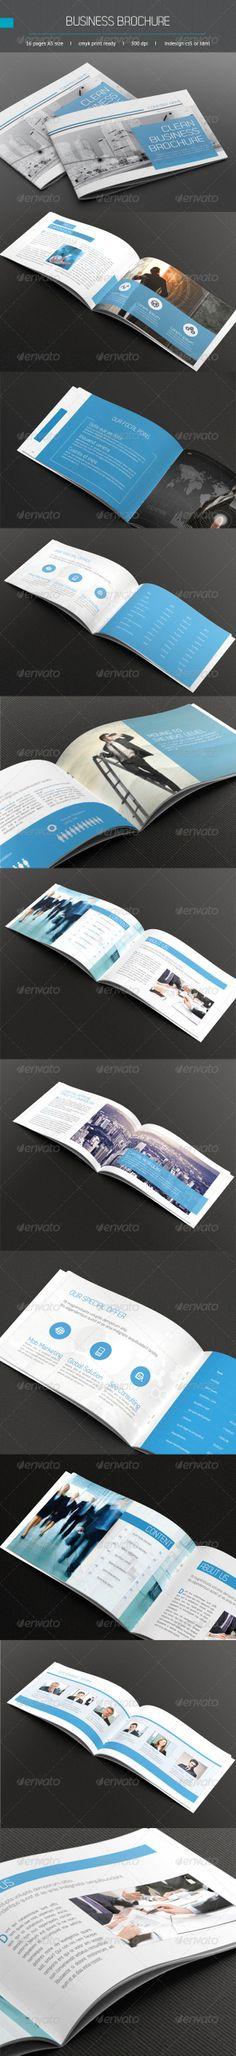 Business Brochure A5